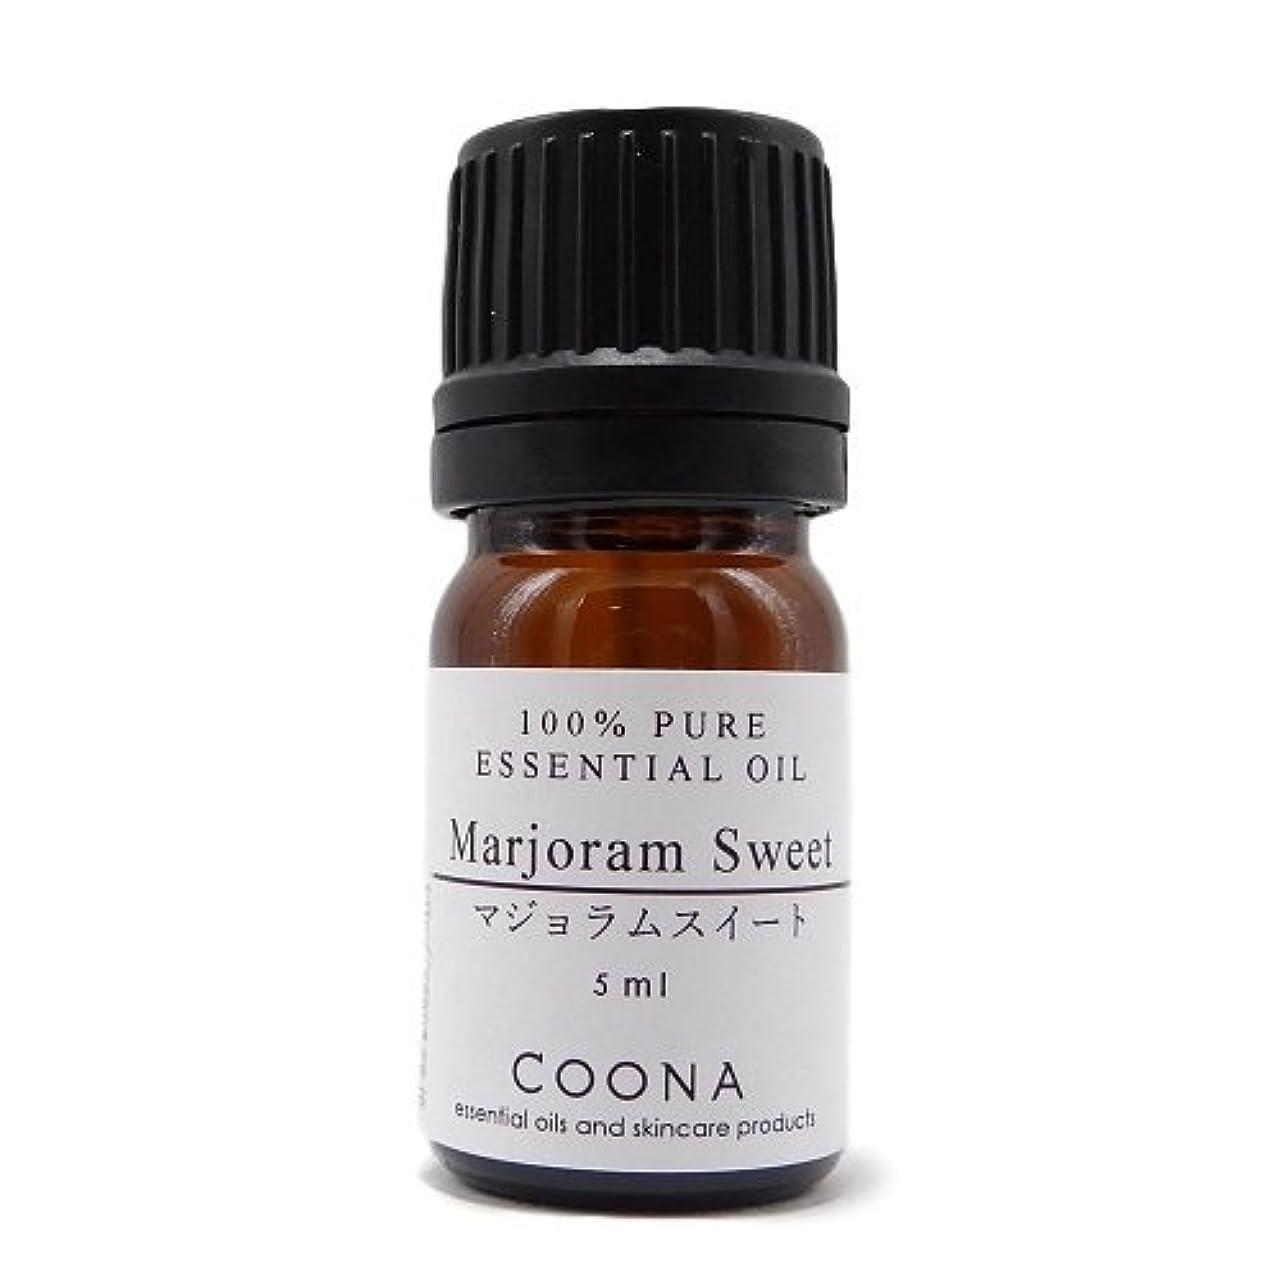 風味噴水論争マジョラム スイート 5 ml (COONA エッセンシャルオイル アロマオイル 100%天然植物精油)